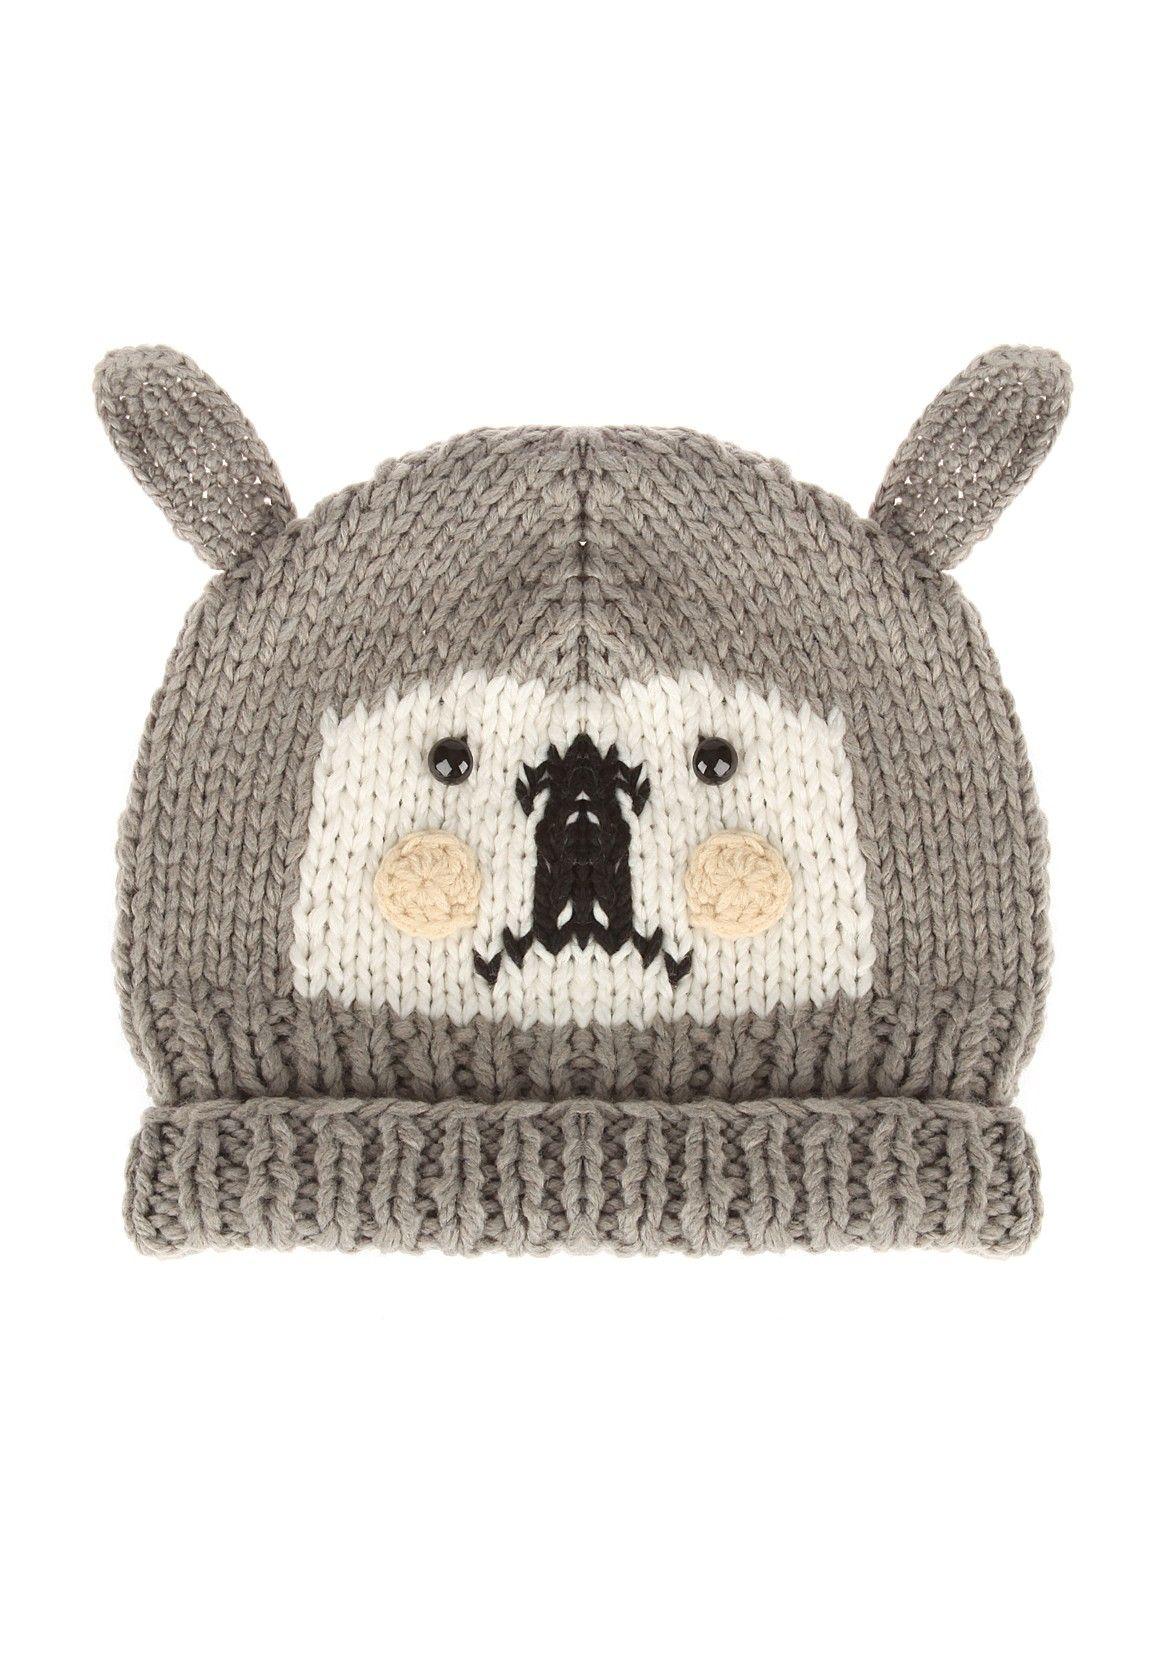 Kessy knitted bear hat knitting pinterest bears and crafts kessy knitted bear hat bankloansurffo Gallery